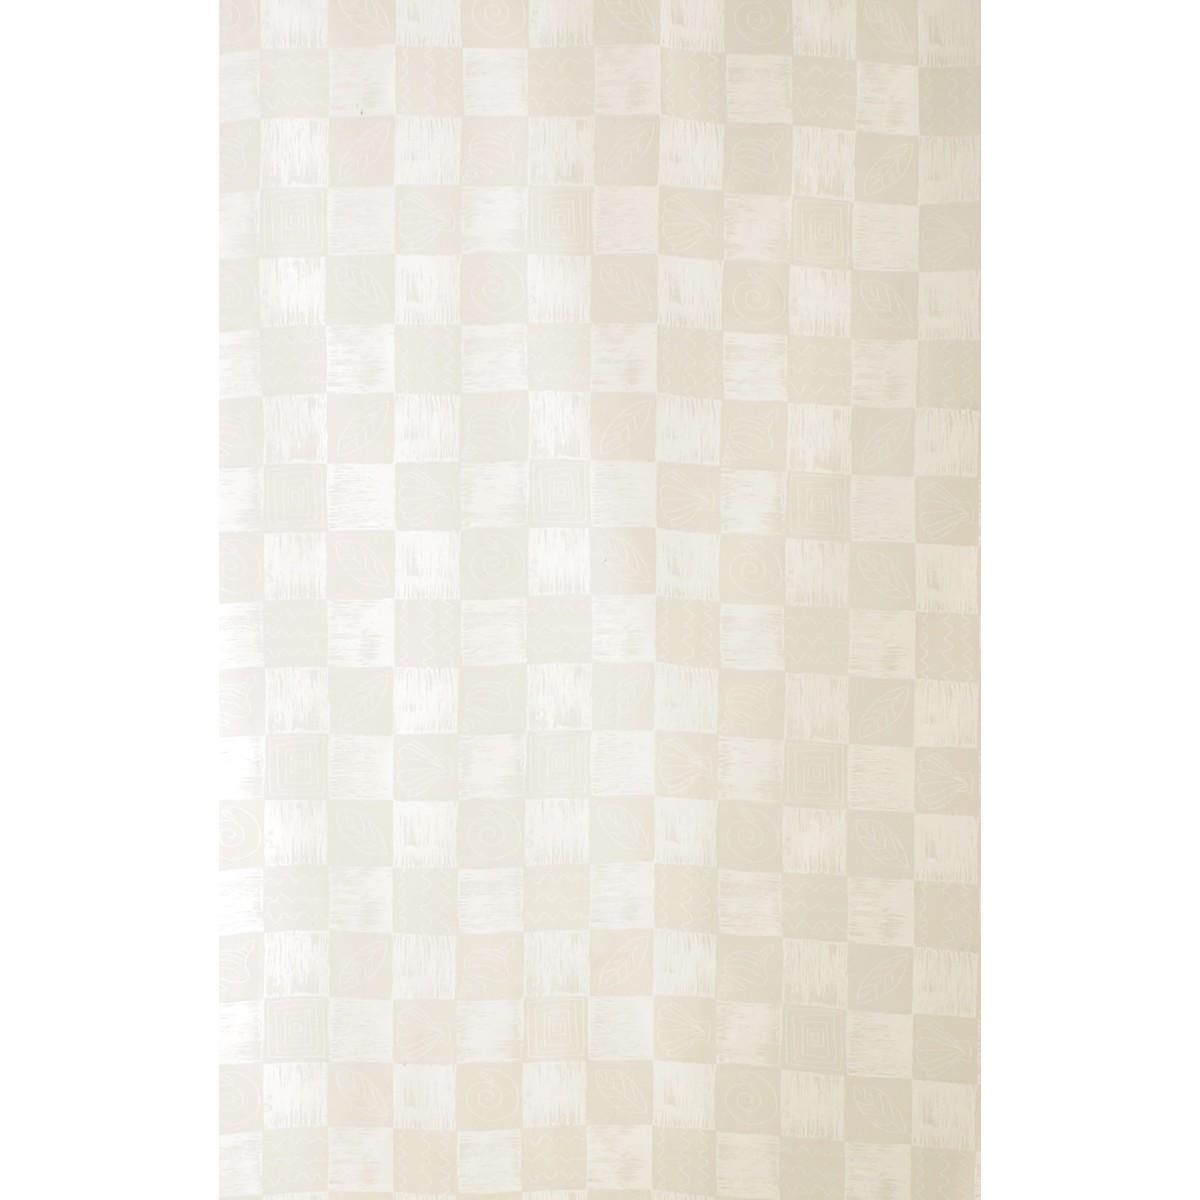 Шторка для ванной Vanstore DIFFUS кремовый полиэстер180x180 см